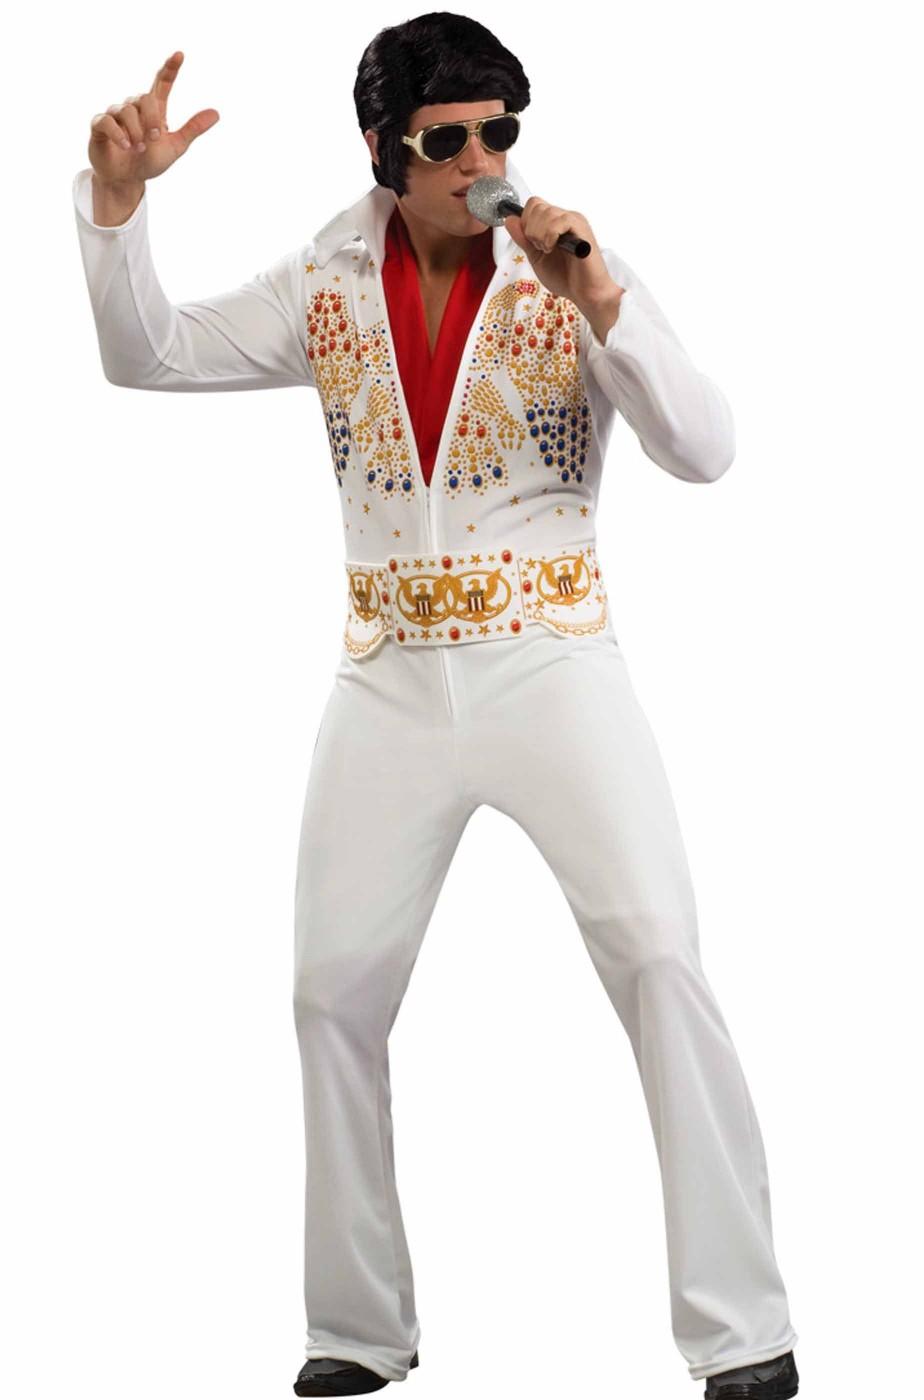 Costume carnevale Elvis Presley imitazione abito Alhoa Eagle